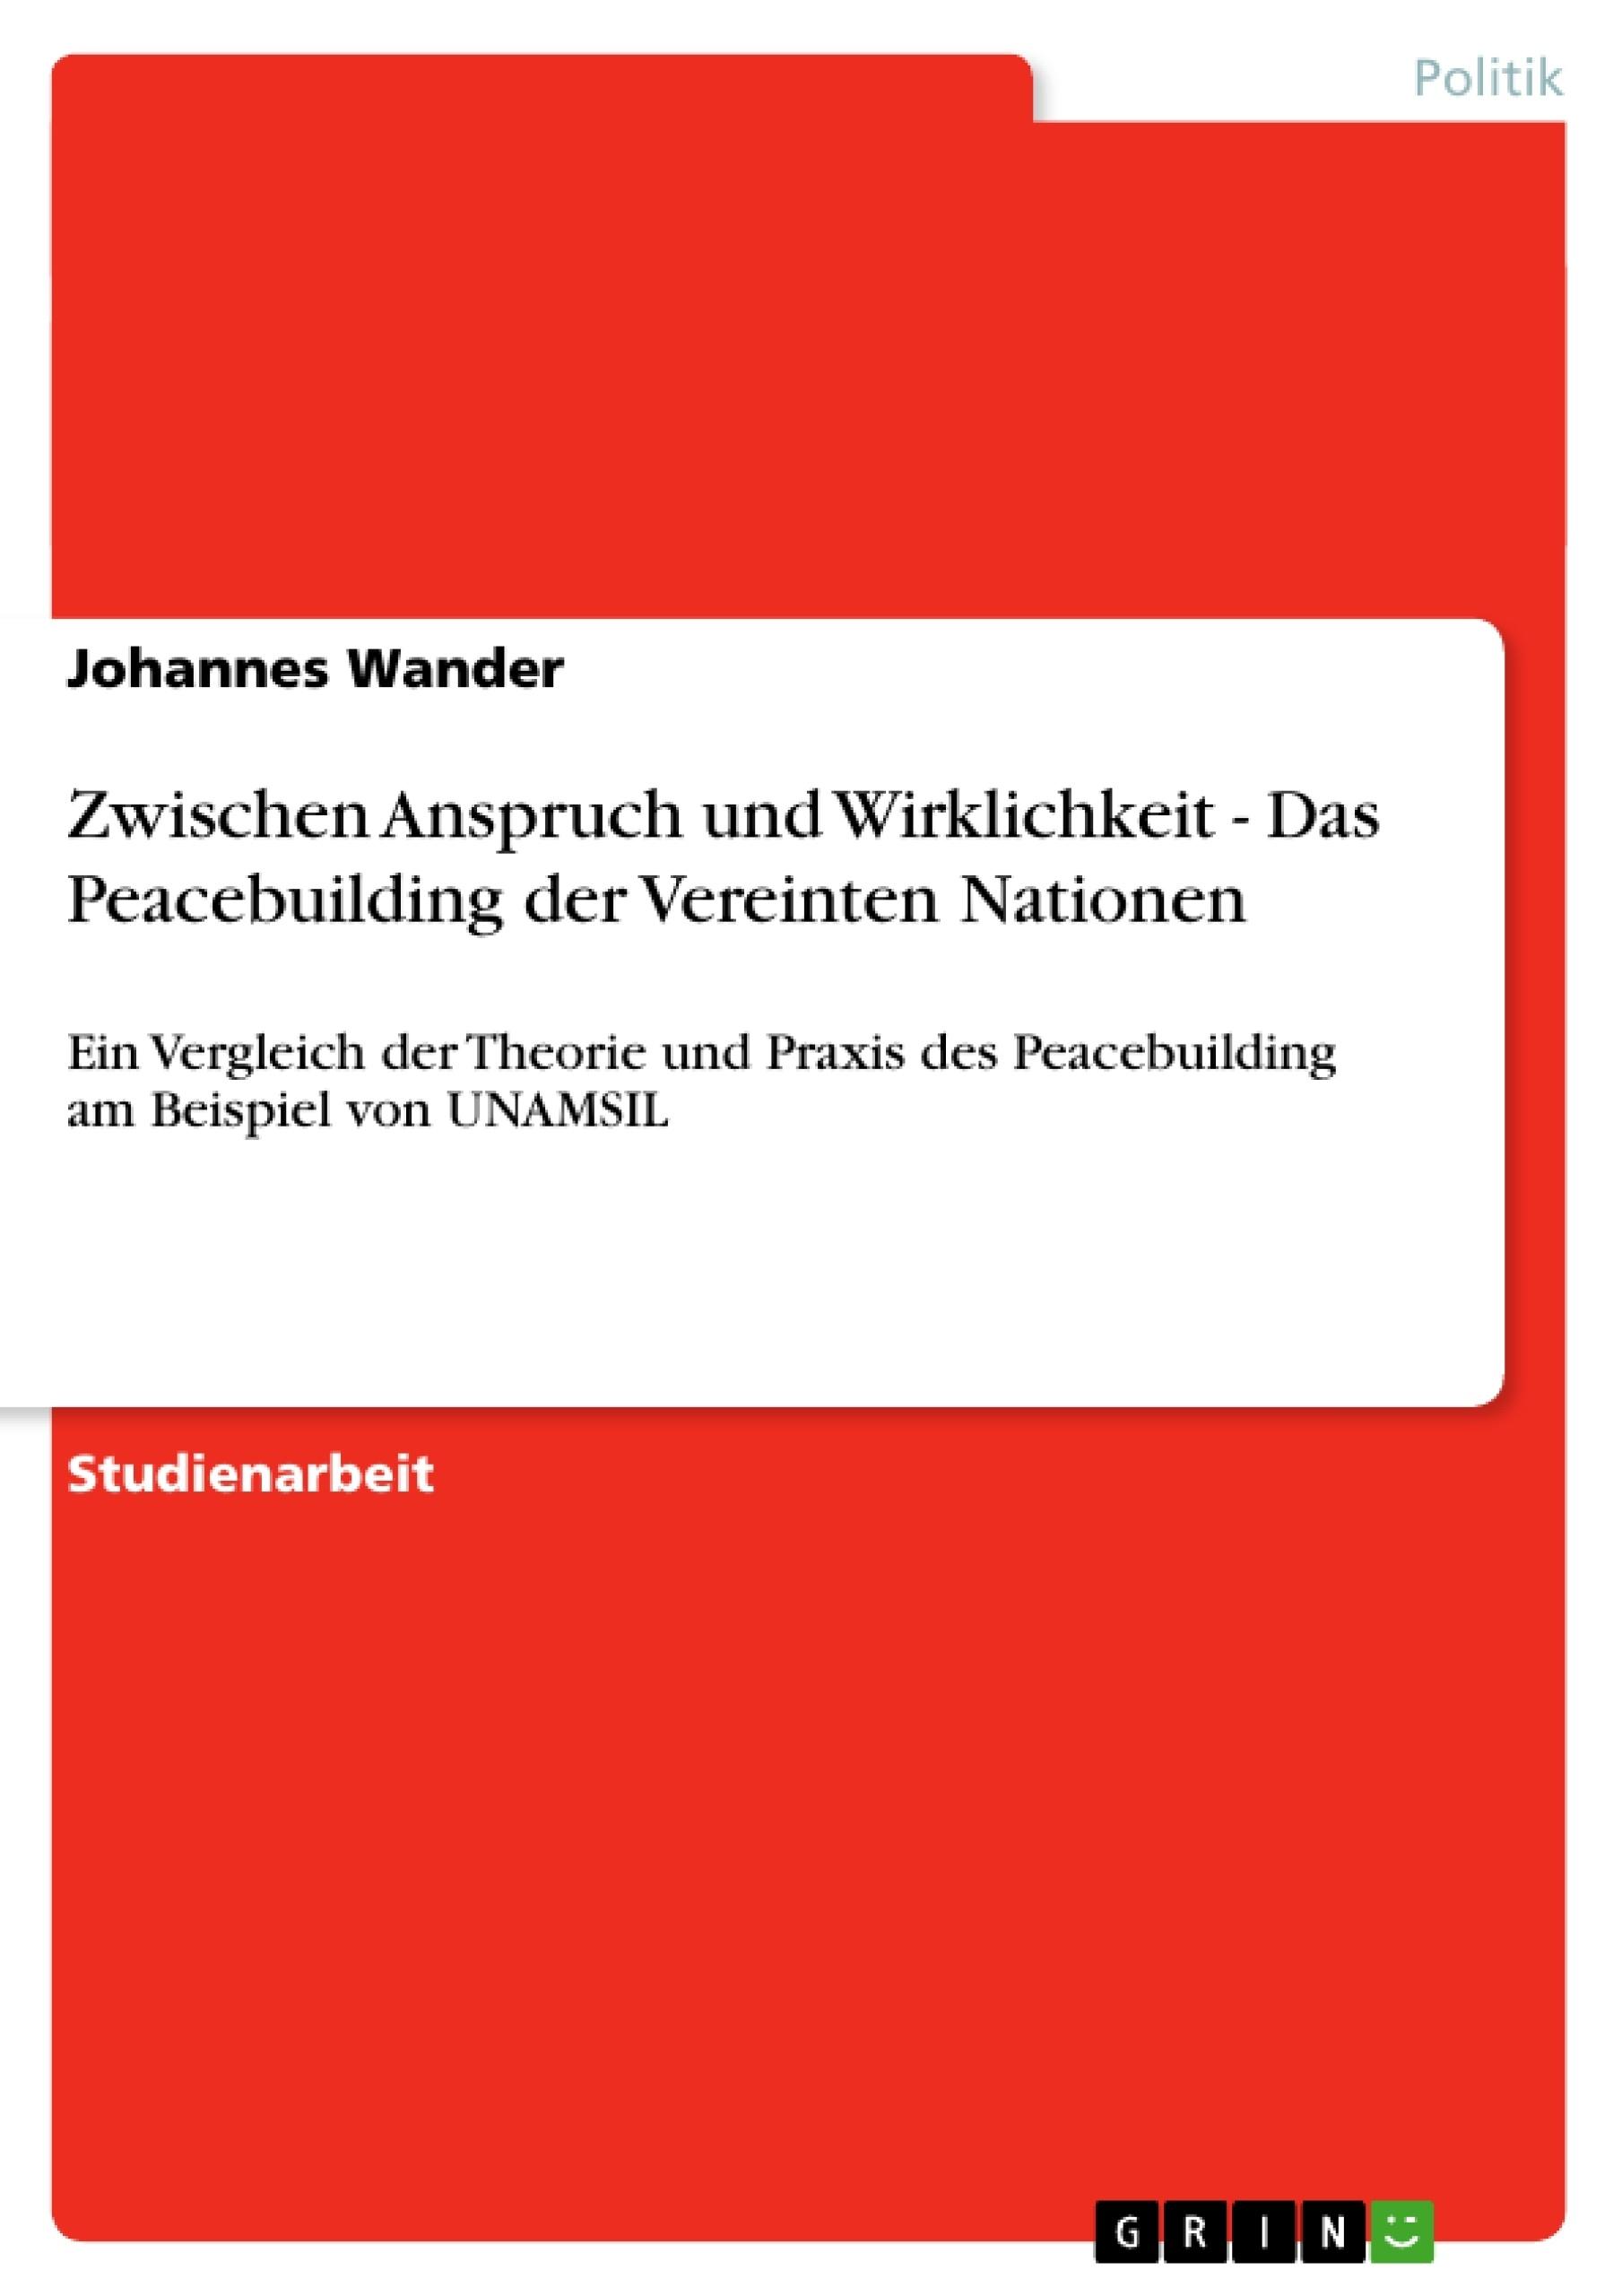 Titel: Zwischen Anspruch und Wirklichkeit - Das Peacebuilding der Vereinten Nationen